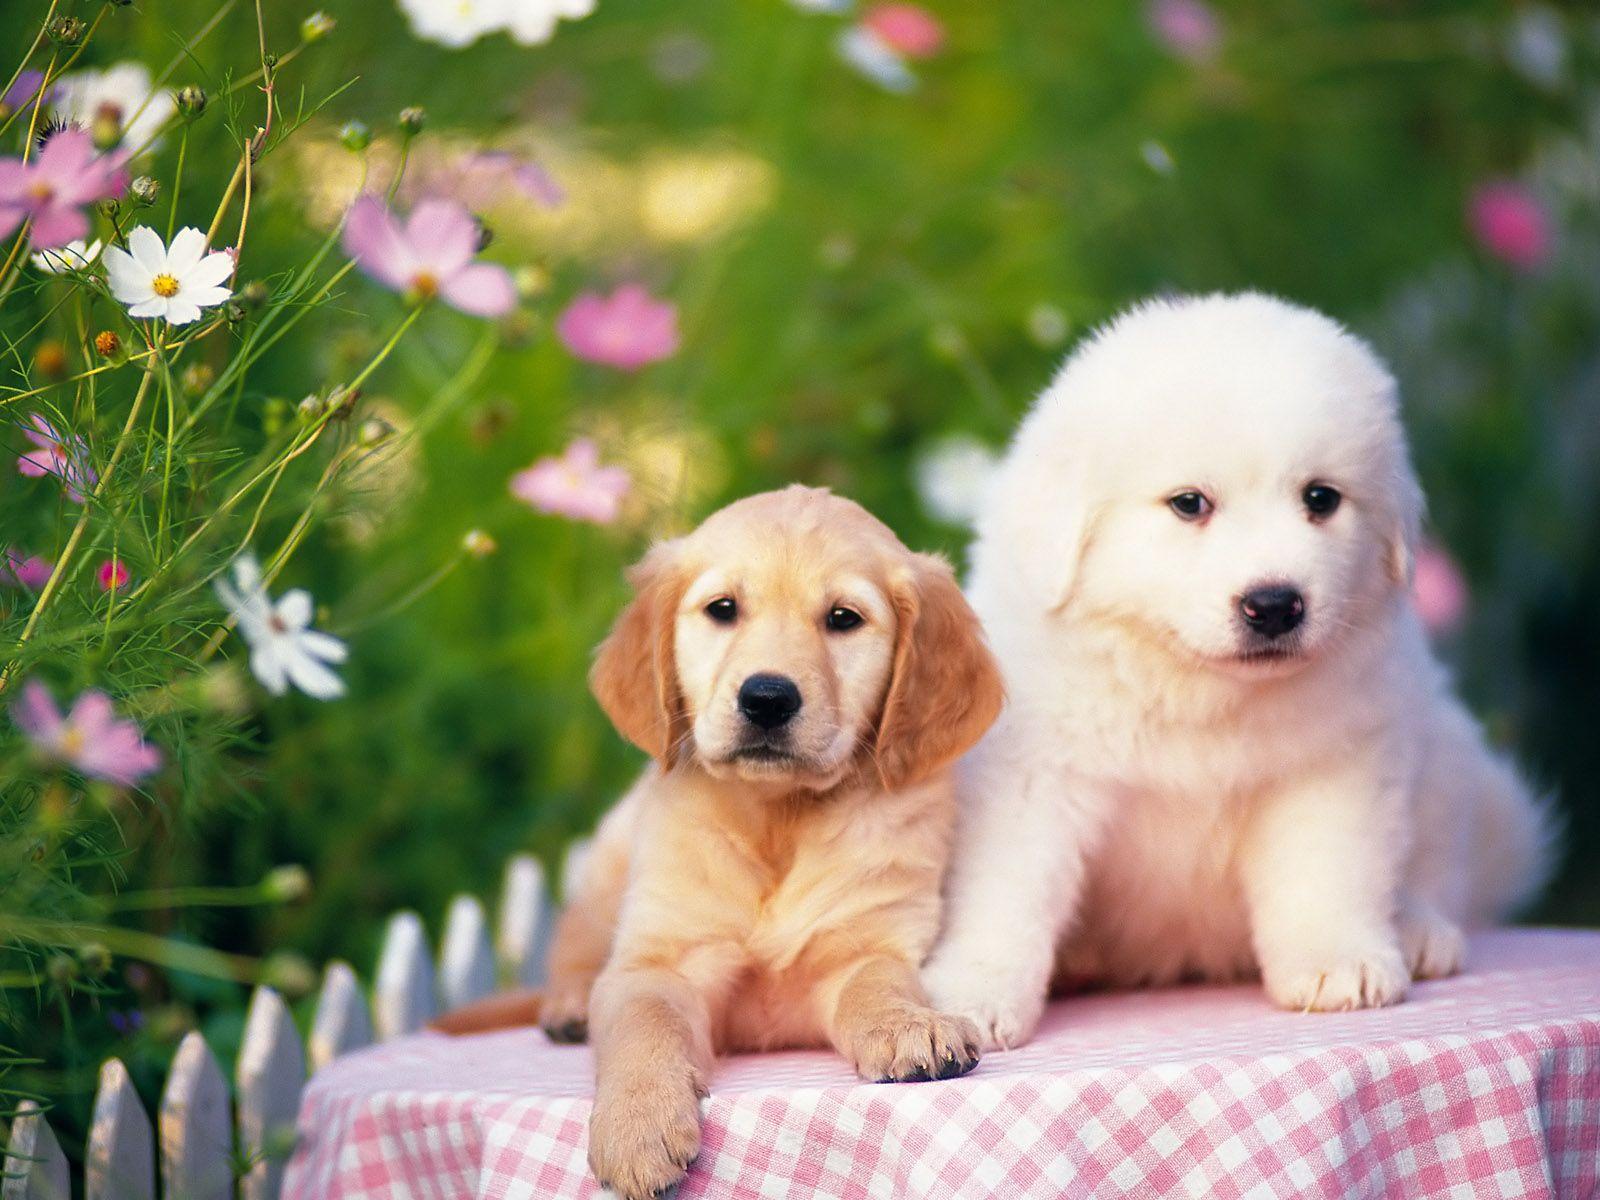 fotos de perros lindos y tiernos Buscar con Google